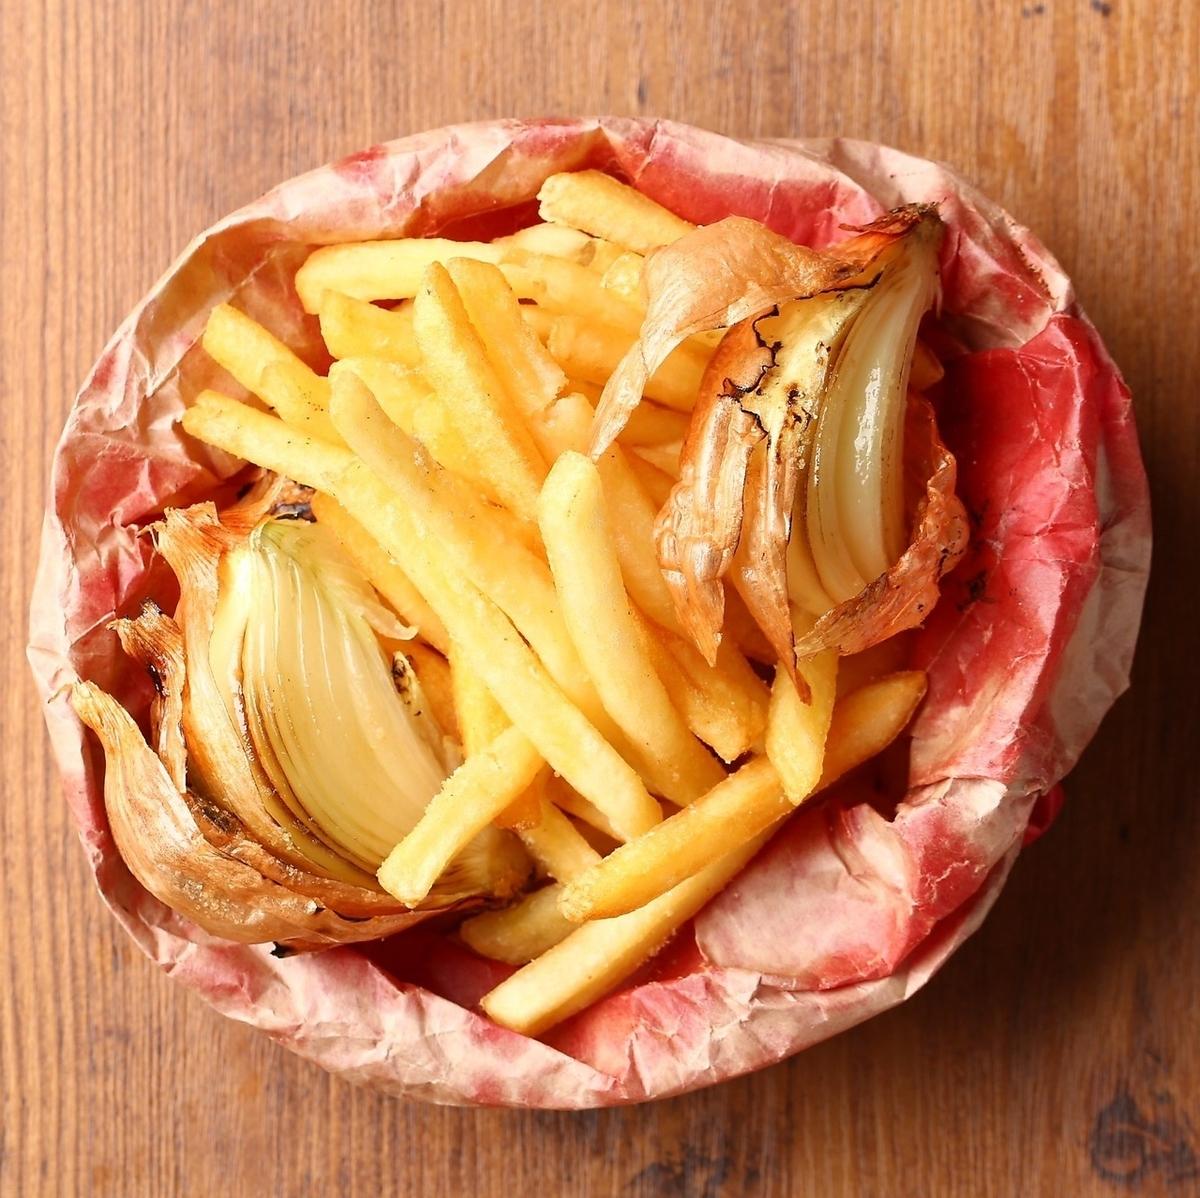 馬鈴薯選擇:Consommé